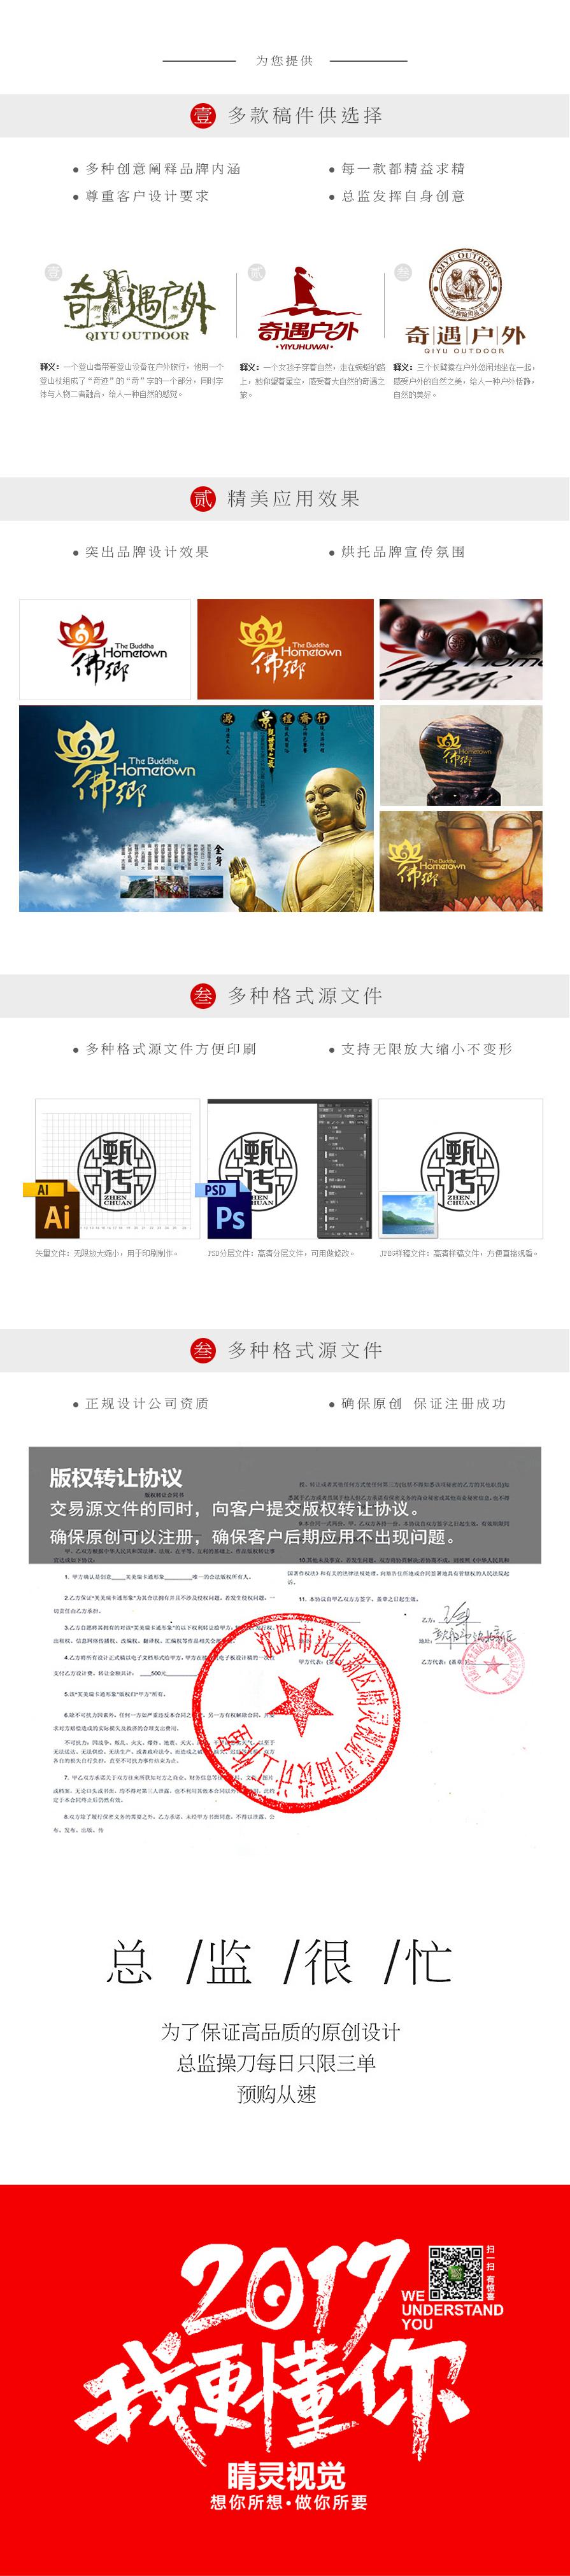 梦之城平台登录_【总监操刀梦之城平台登录标志设计】满意为止 公司品牌 餐饮门店9